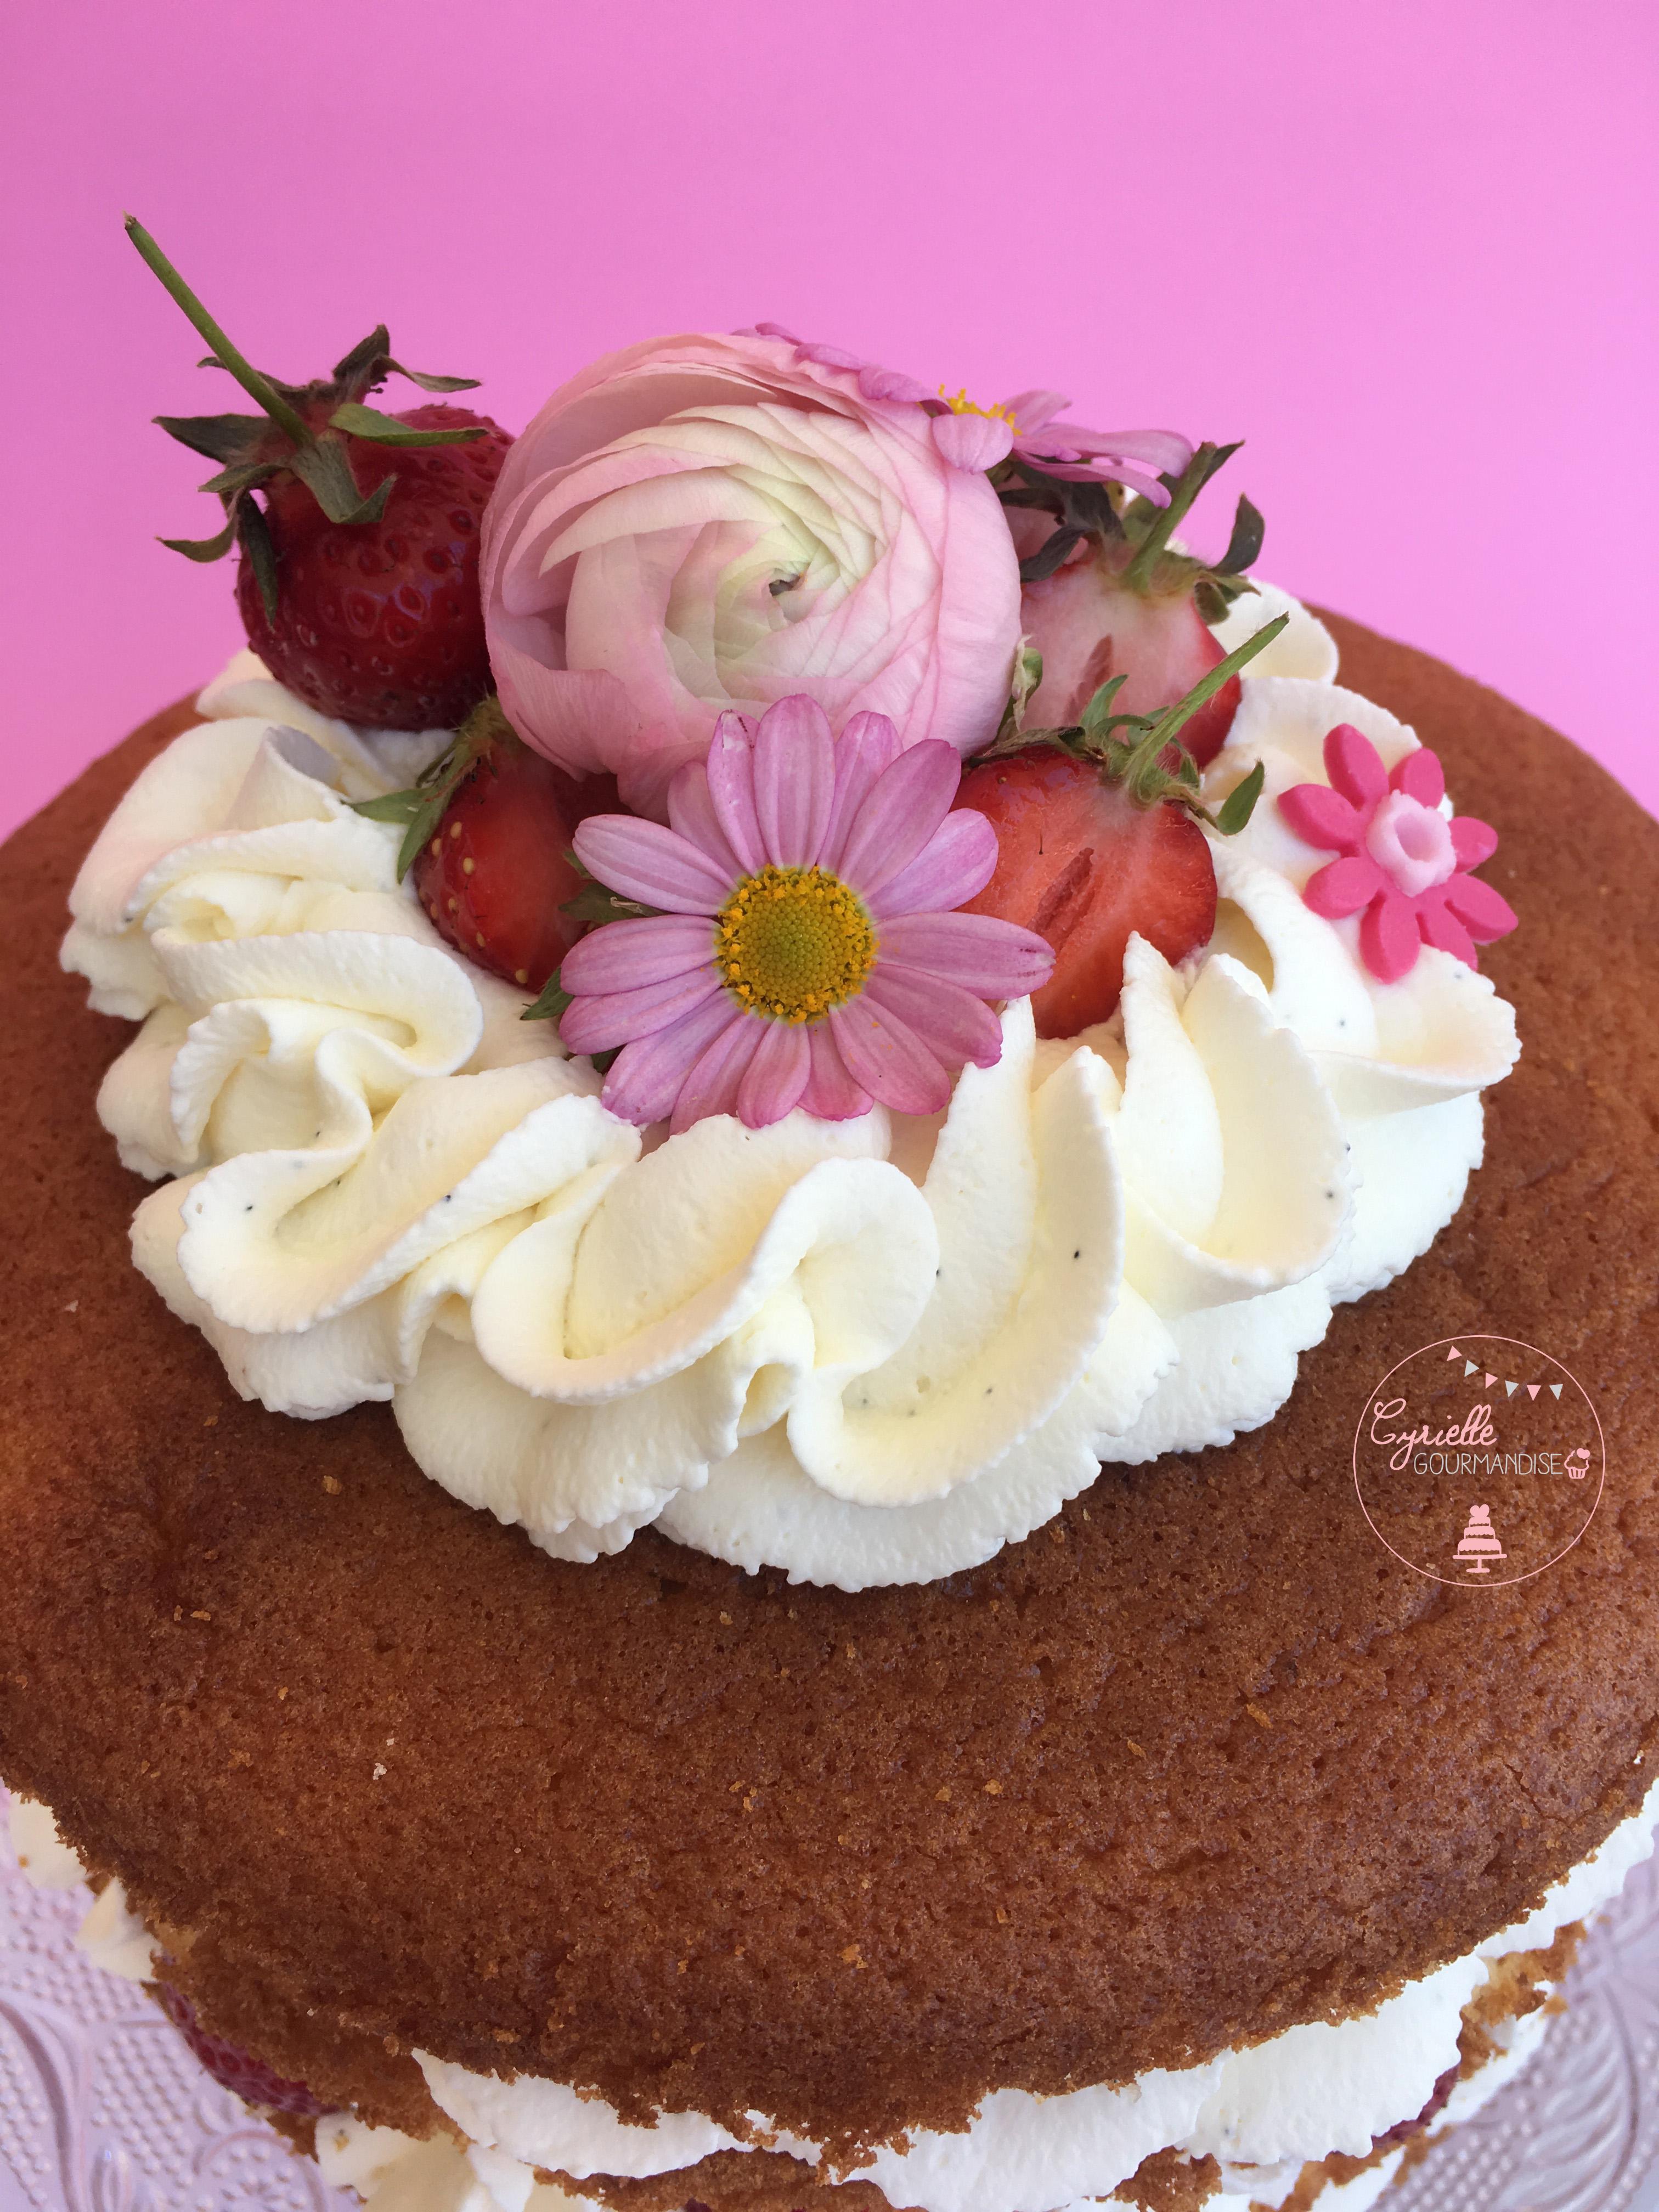 Naked Chiffon Cake Fraise Rhubarbe Vanille 4